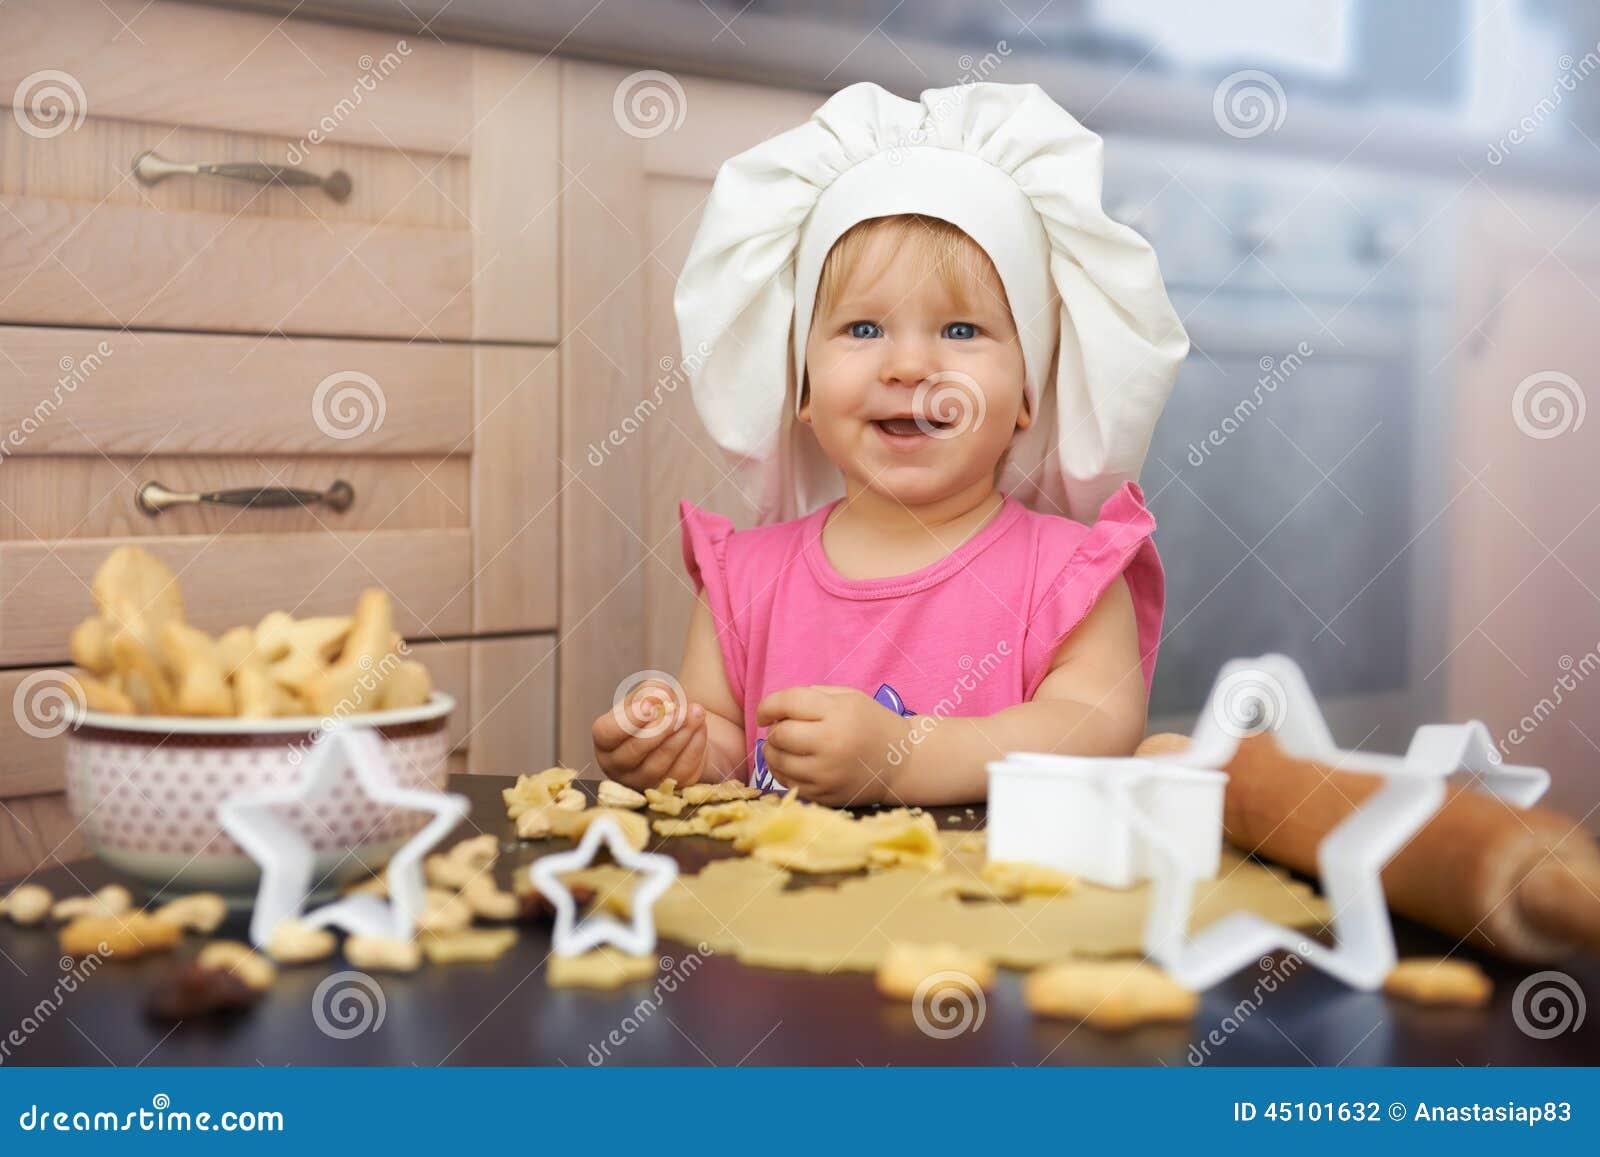 Chef de petit enfant faisant cuire des biscuits dans la cuisine